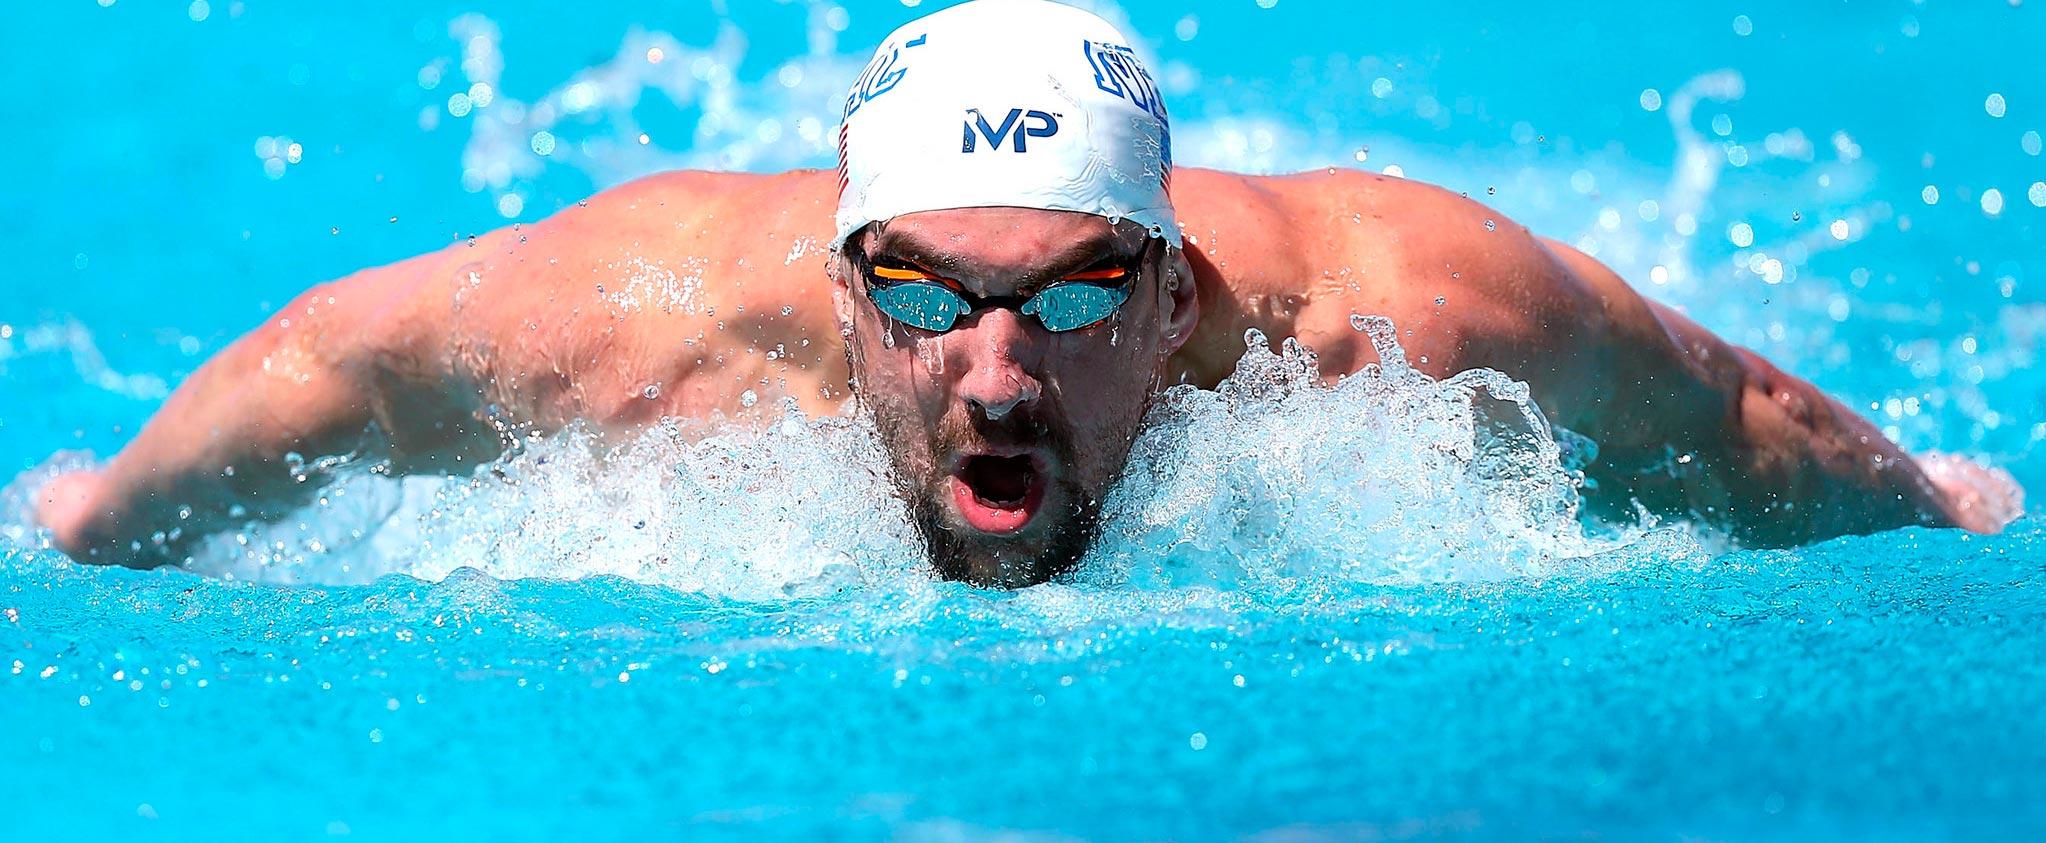 Простые фото мужчин в бассейне, Правда или фейк? Мужчины голые, женщины в купальниках 1 фотография